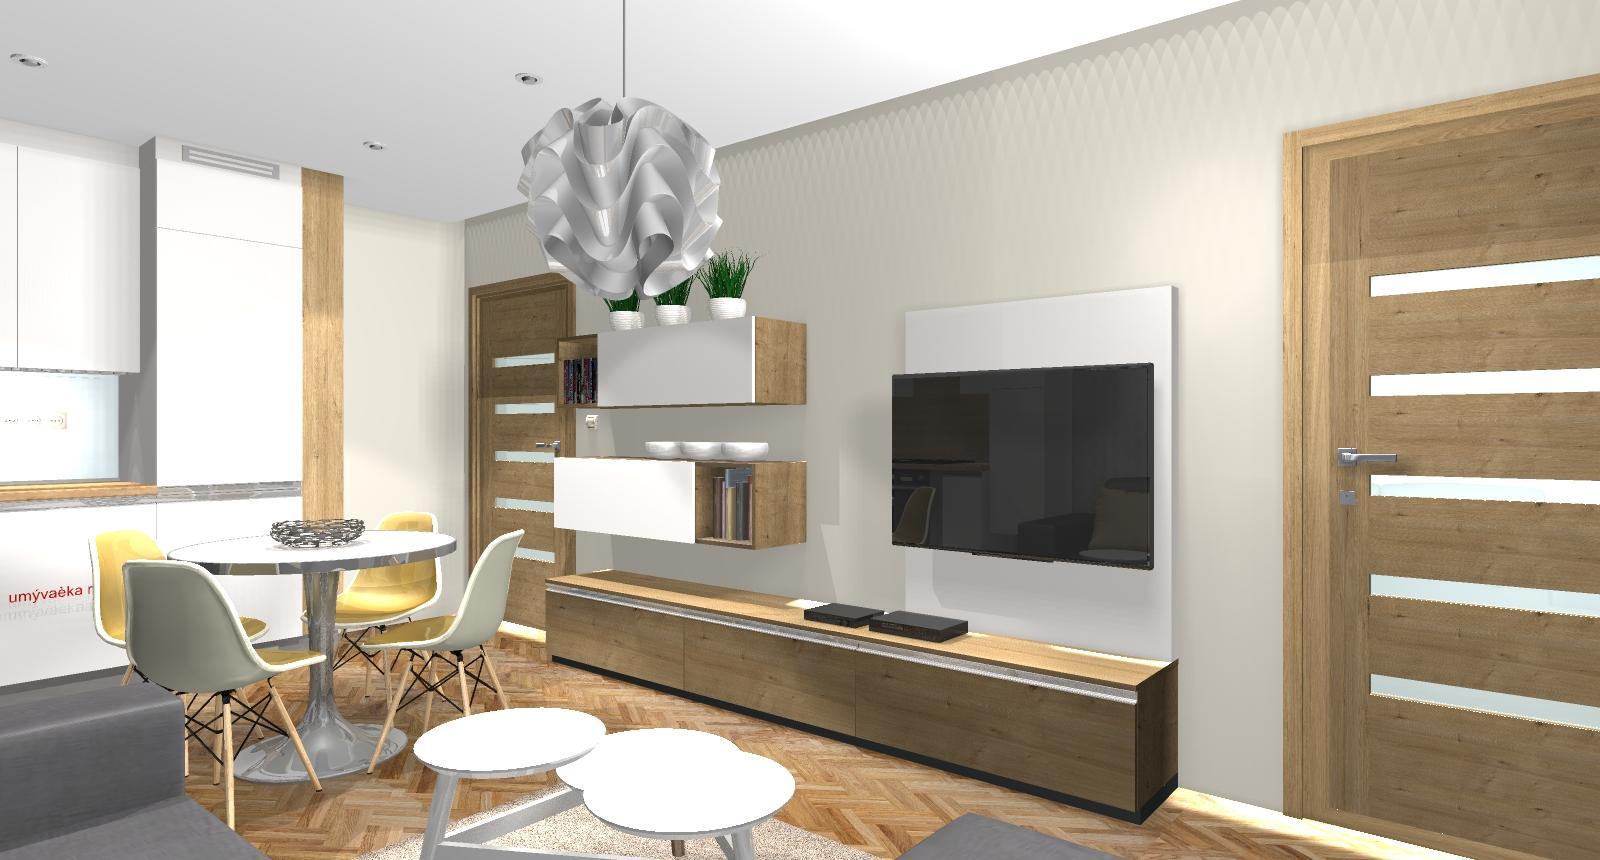 Grafické návrhy bytov - Zariadenie dvojizbového bytu vo Zvolene na Zlatom potoku, ktorý sa prerobí na trojizbový - kuchyňa+obývačka - obr.6